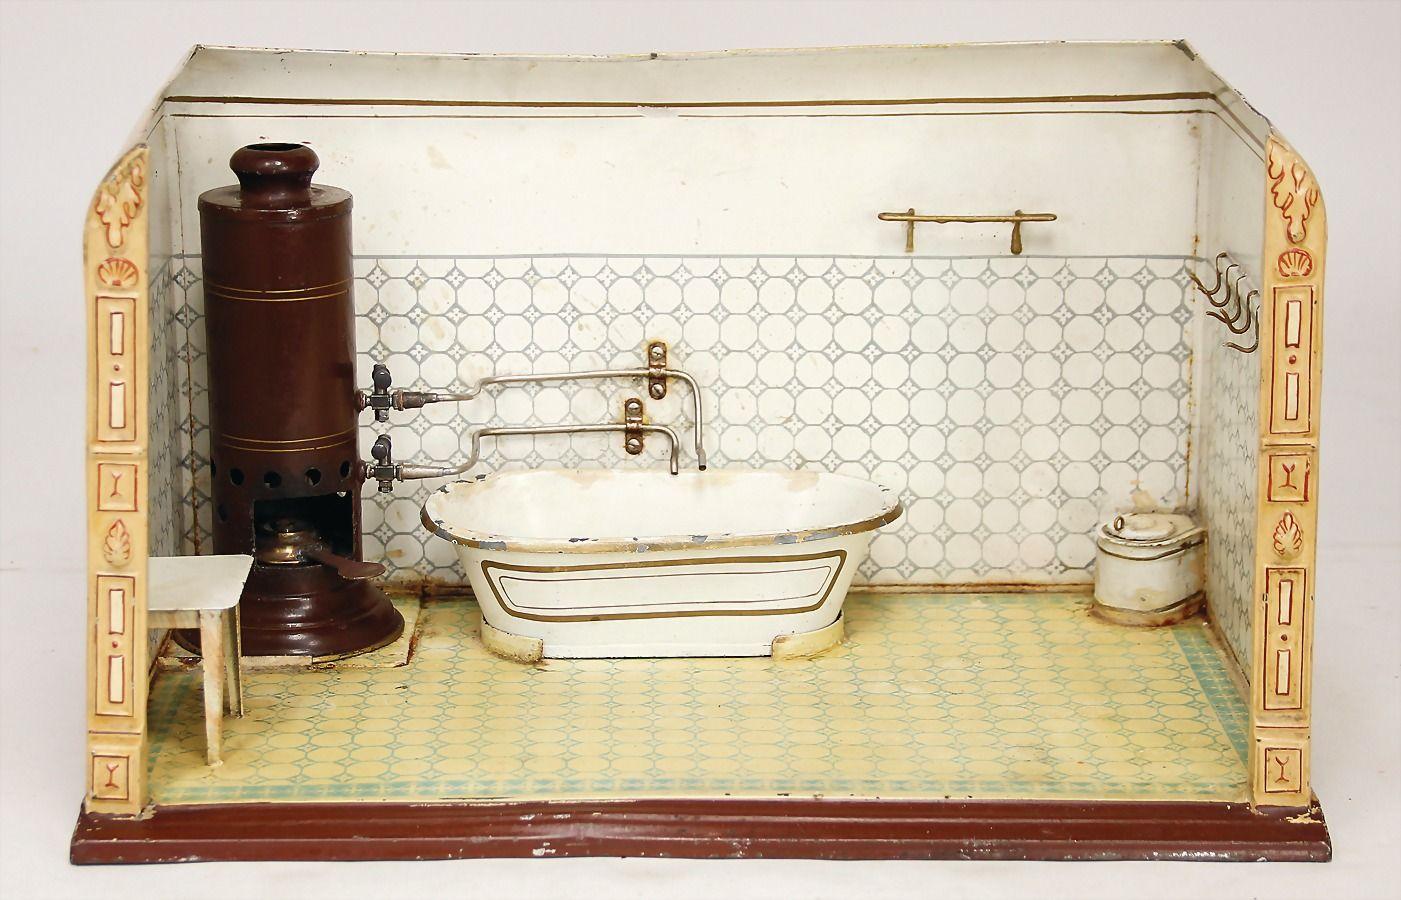 badezimmer märklin um 1900 | antikes wasch- und badehaus, Badezimmer ideen